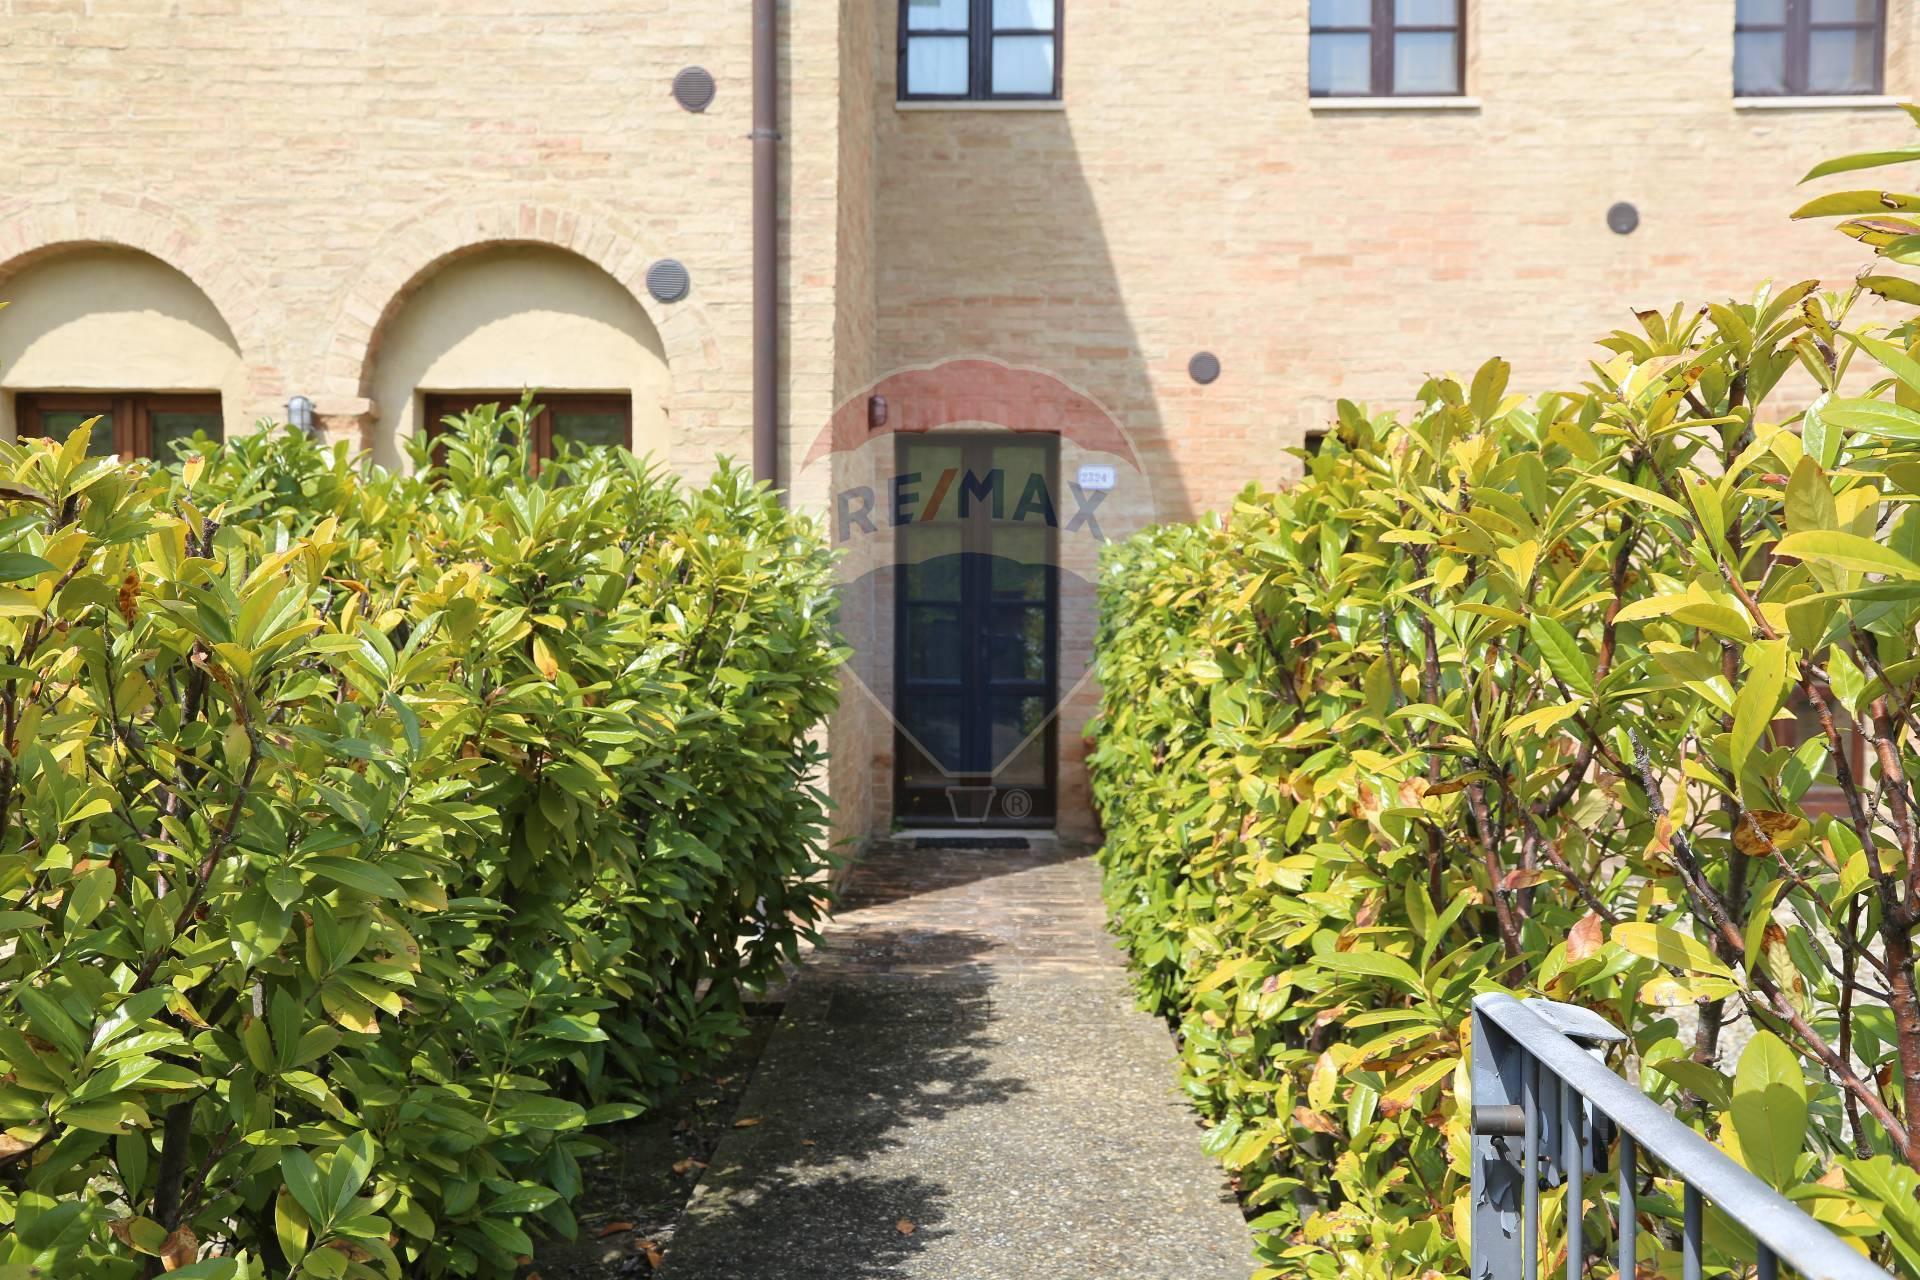 Appartamento in vendita a Monteroni d'Arbia, 6 locali, prezzo € 220.000 | CambioCasa.it